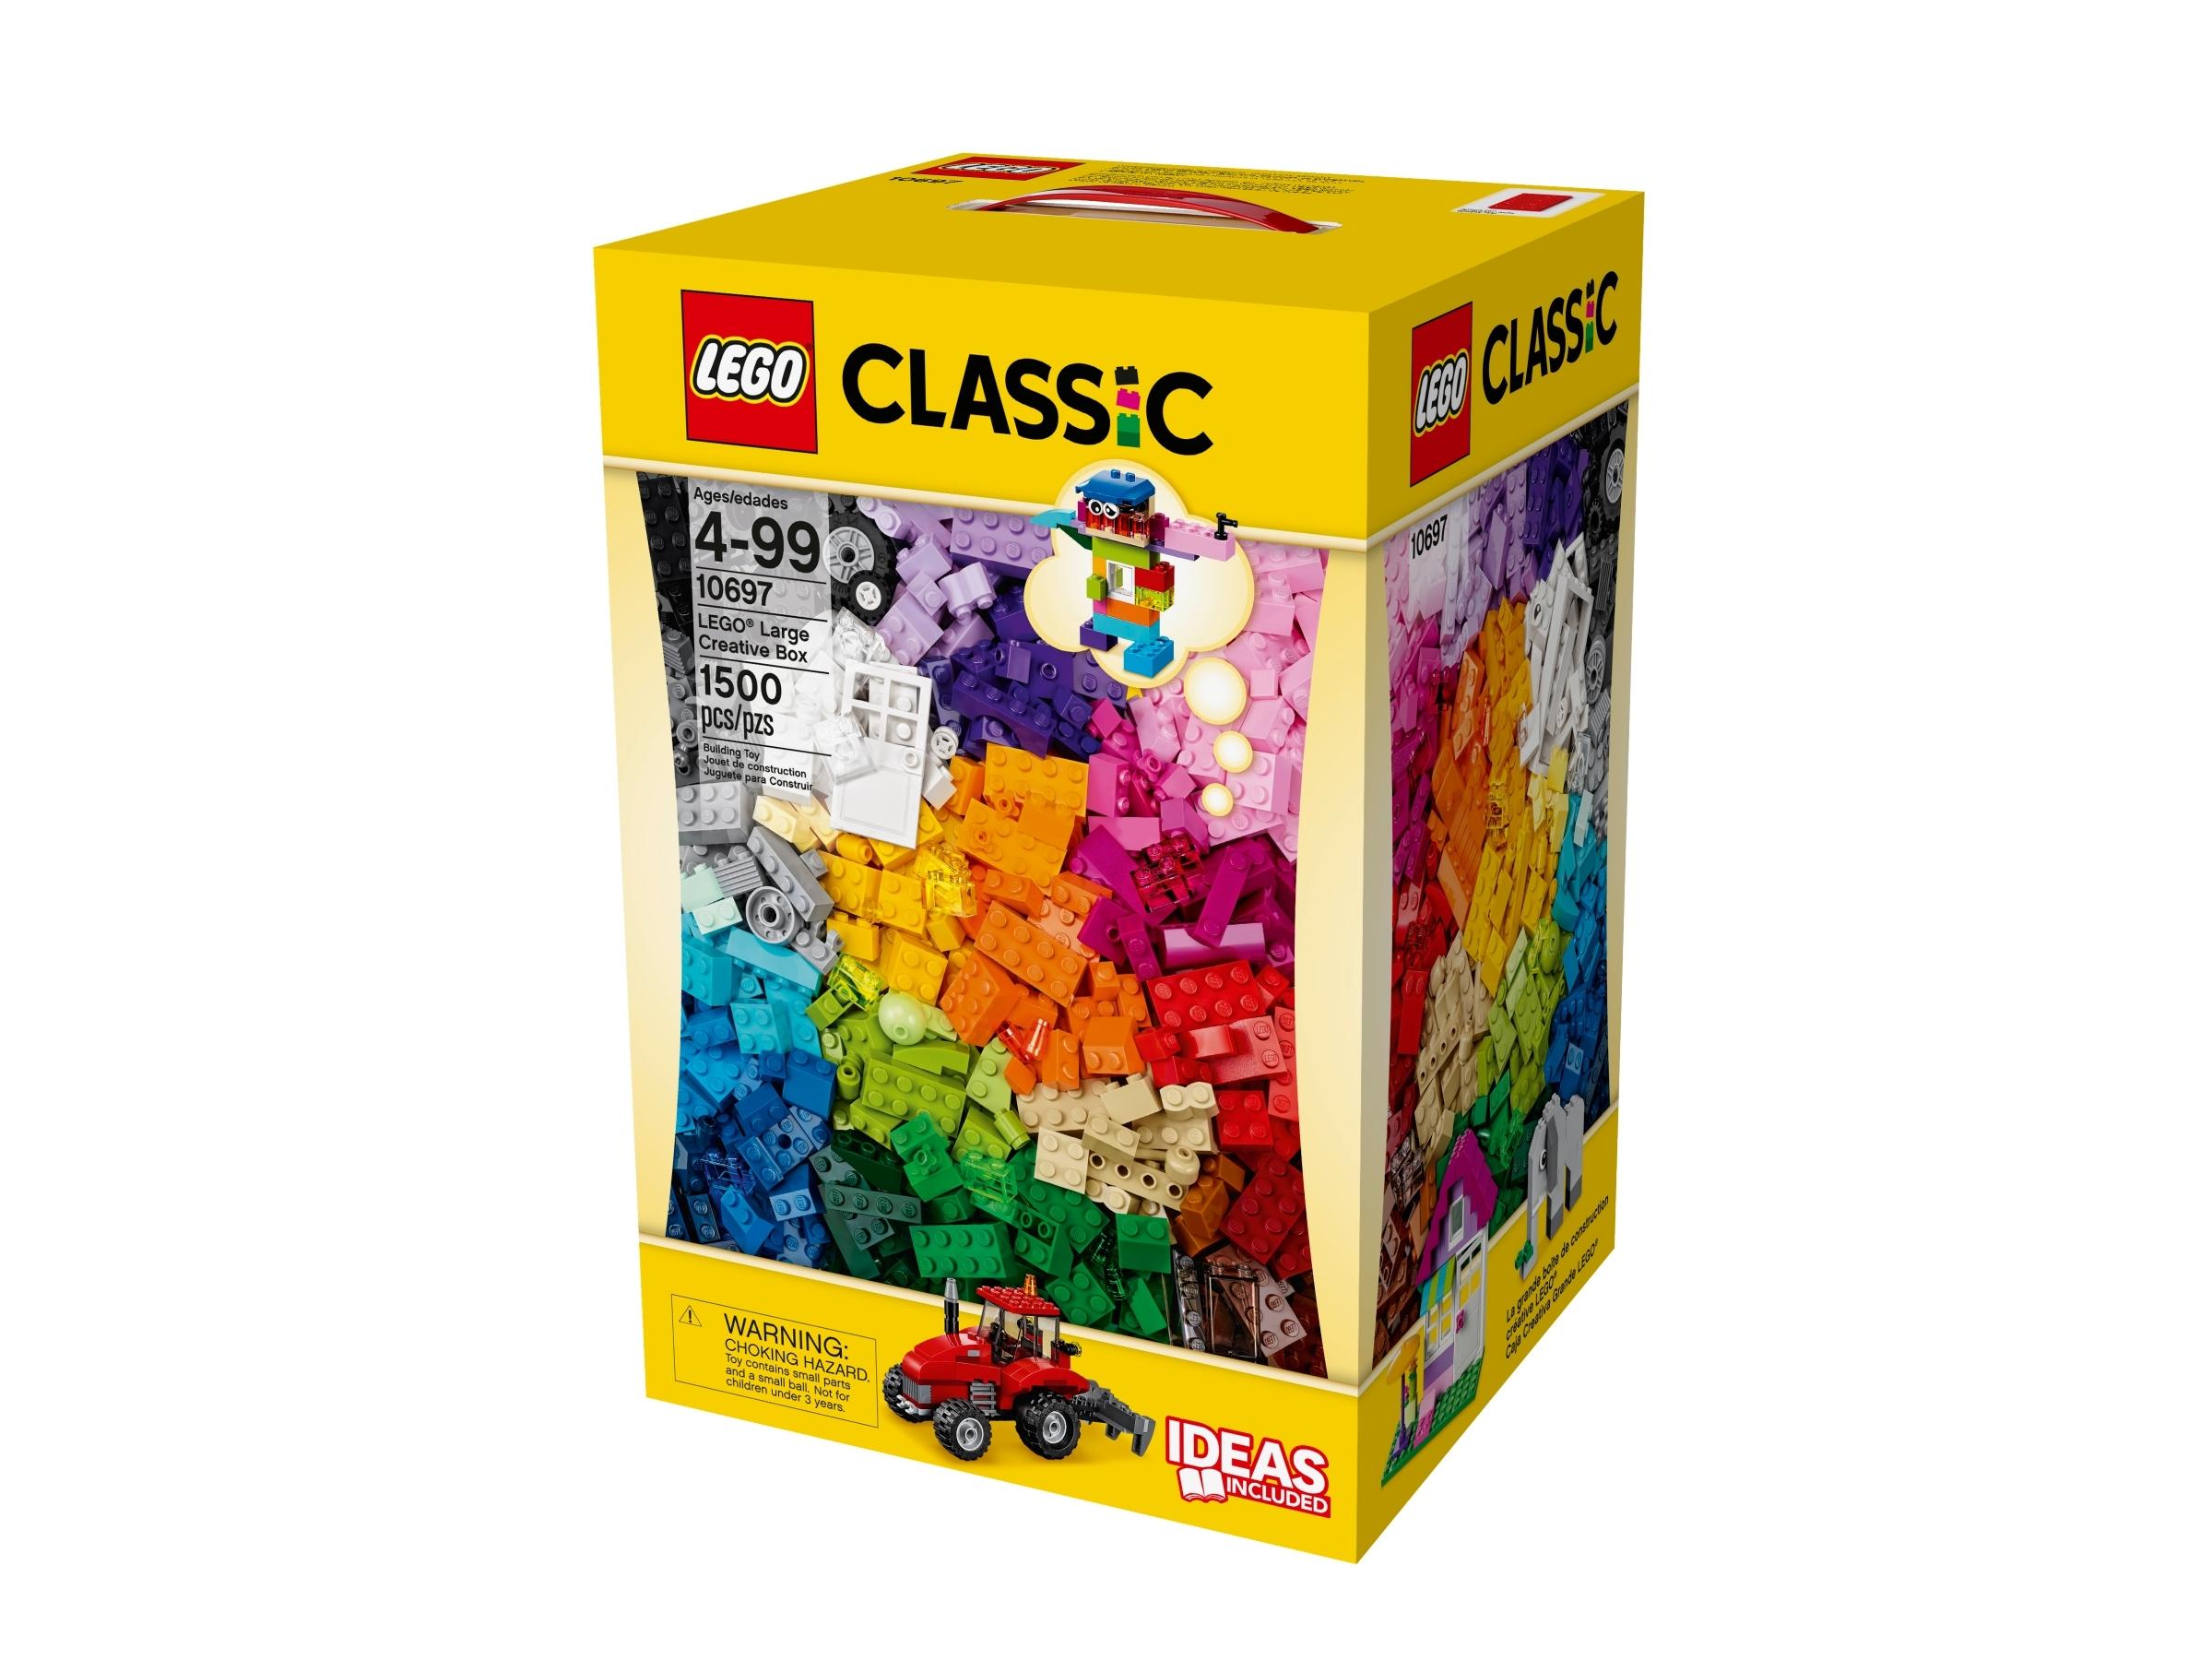 LEGO Classic 10697 Große Kreativ Steinebox, 1500 Steine